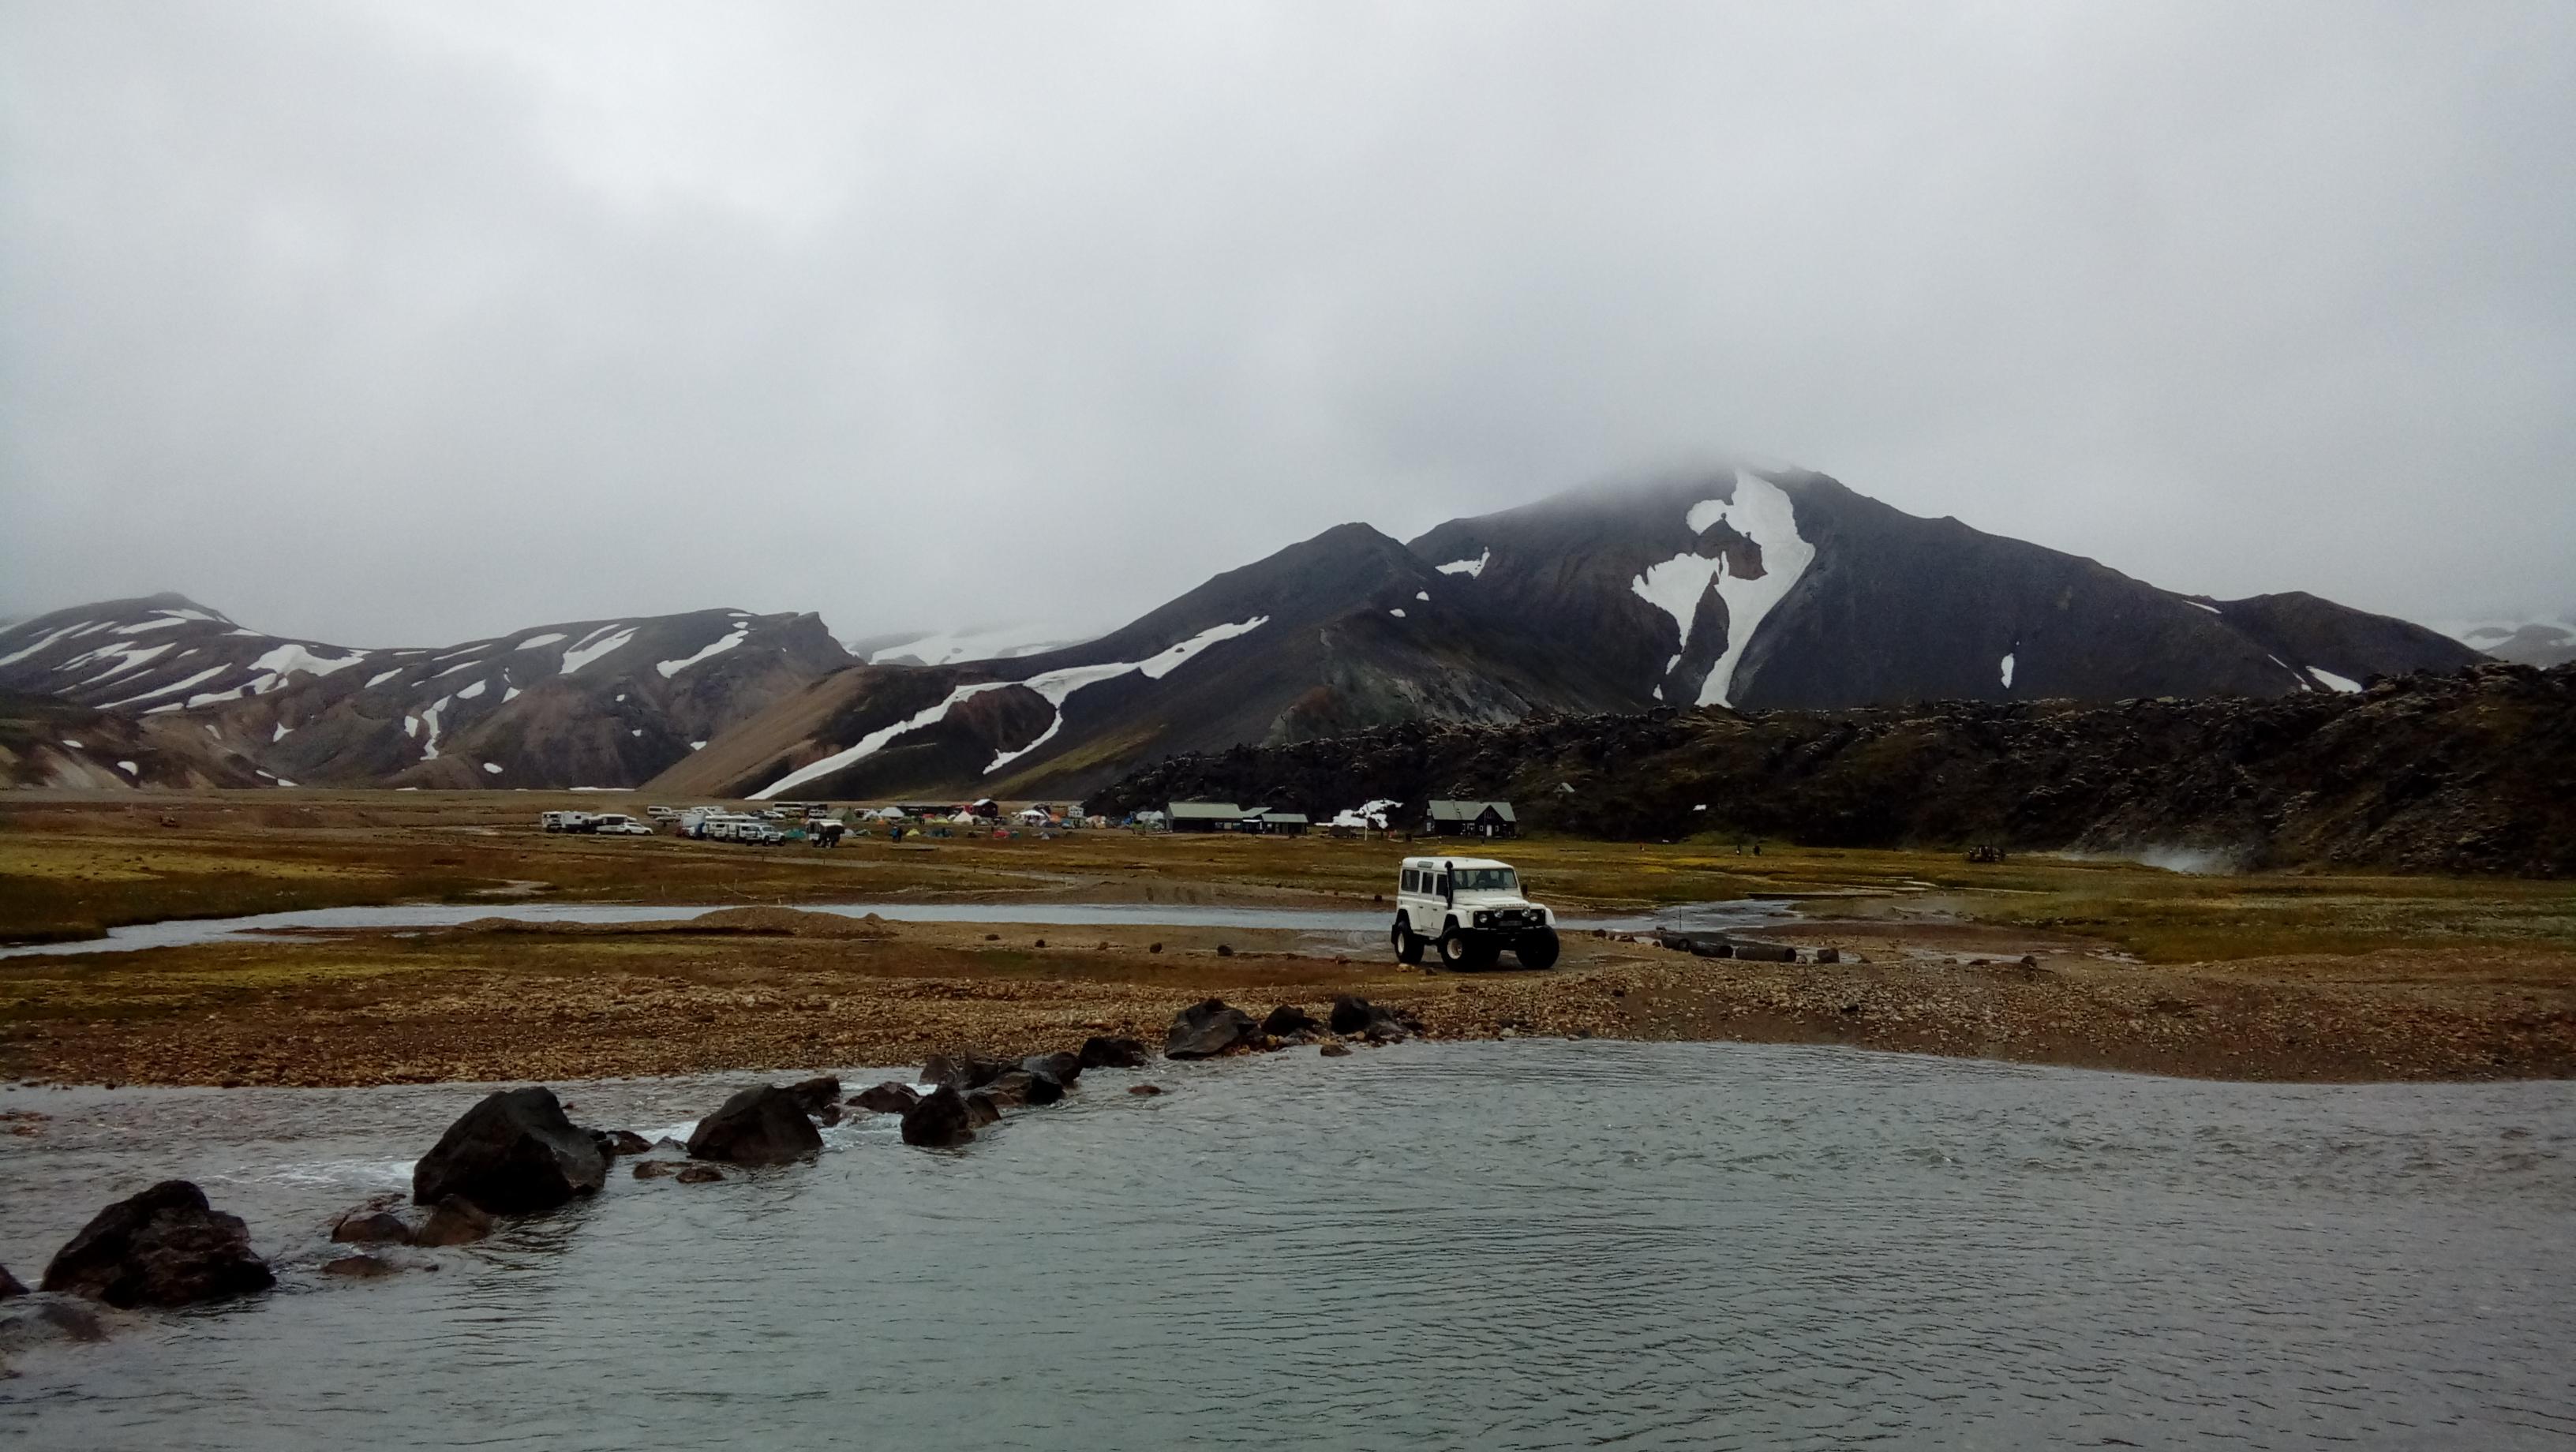 Trip to Landmannalaugar